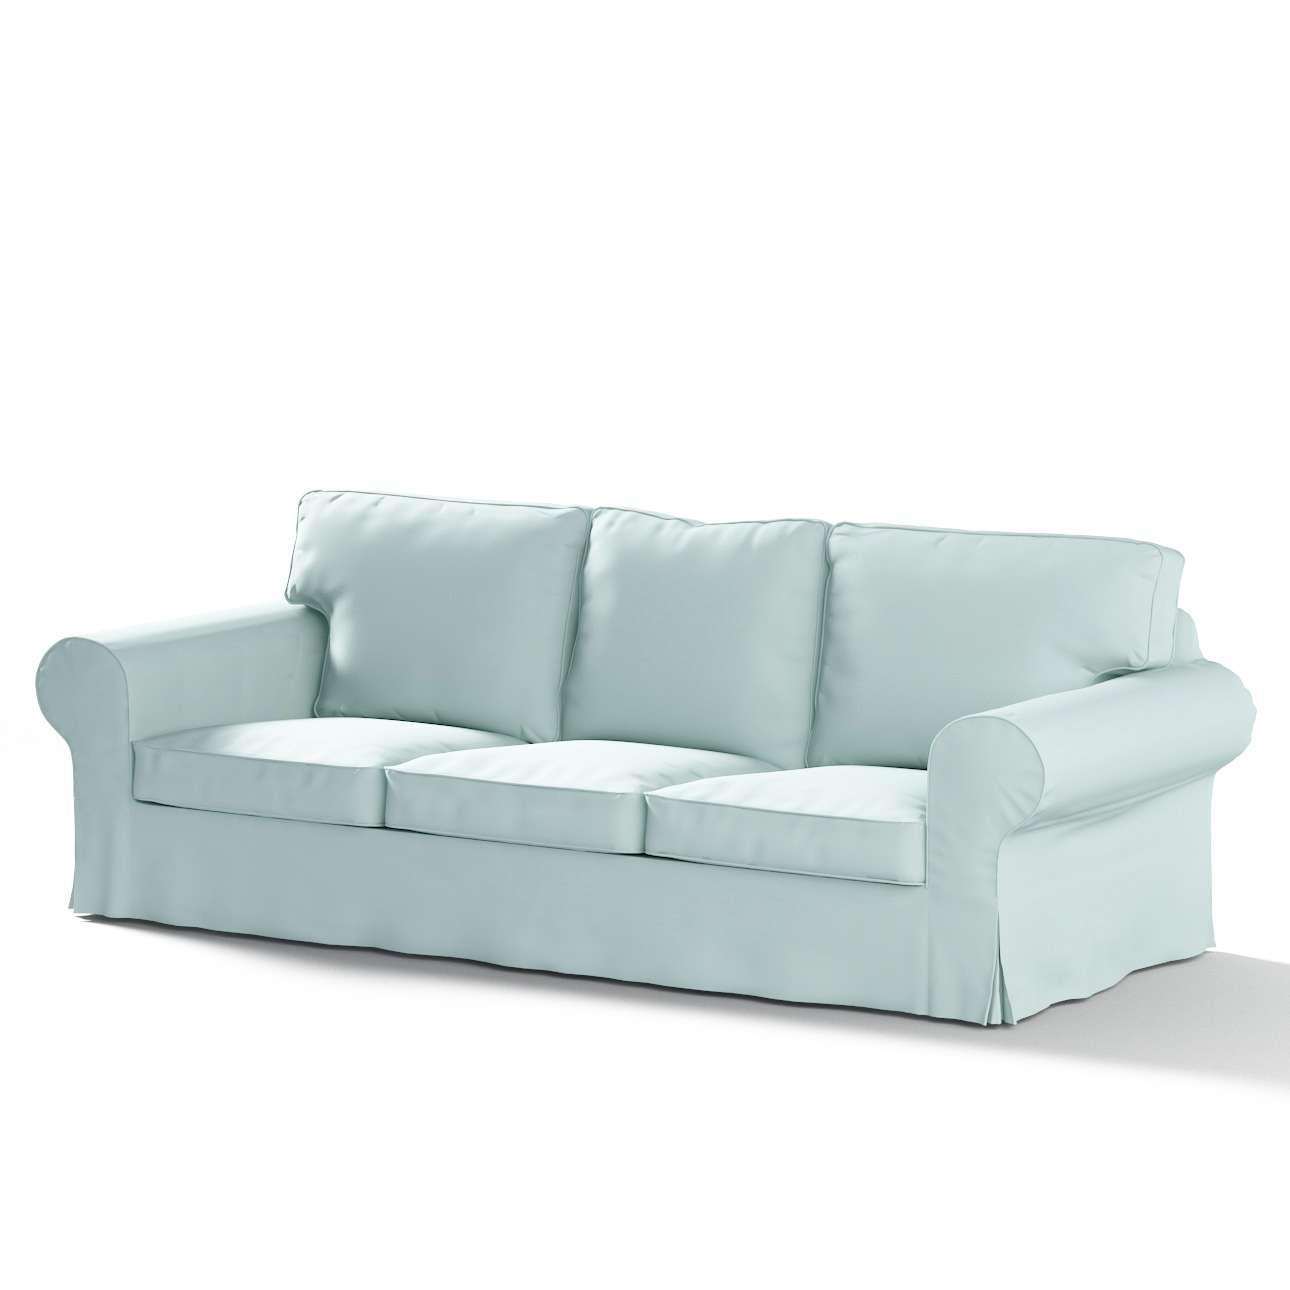 Pokrowiec na sofę Ektorp 3-osobową, rozkładaną, PIXBO w kolekcji Cotton Panama, tkanina: 702-10